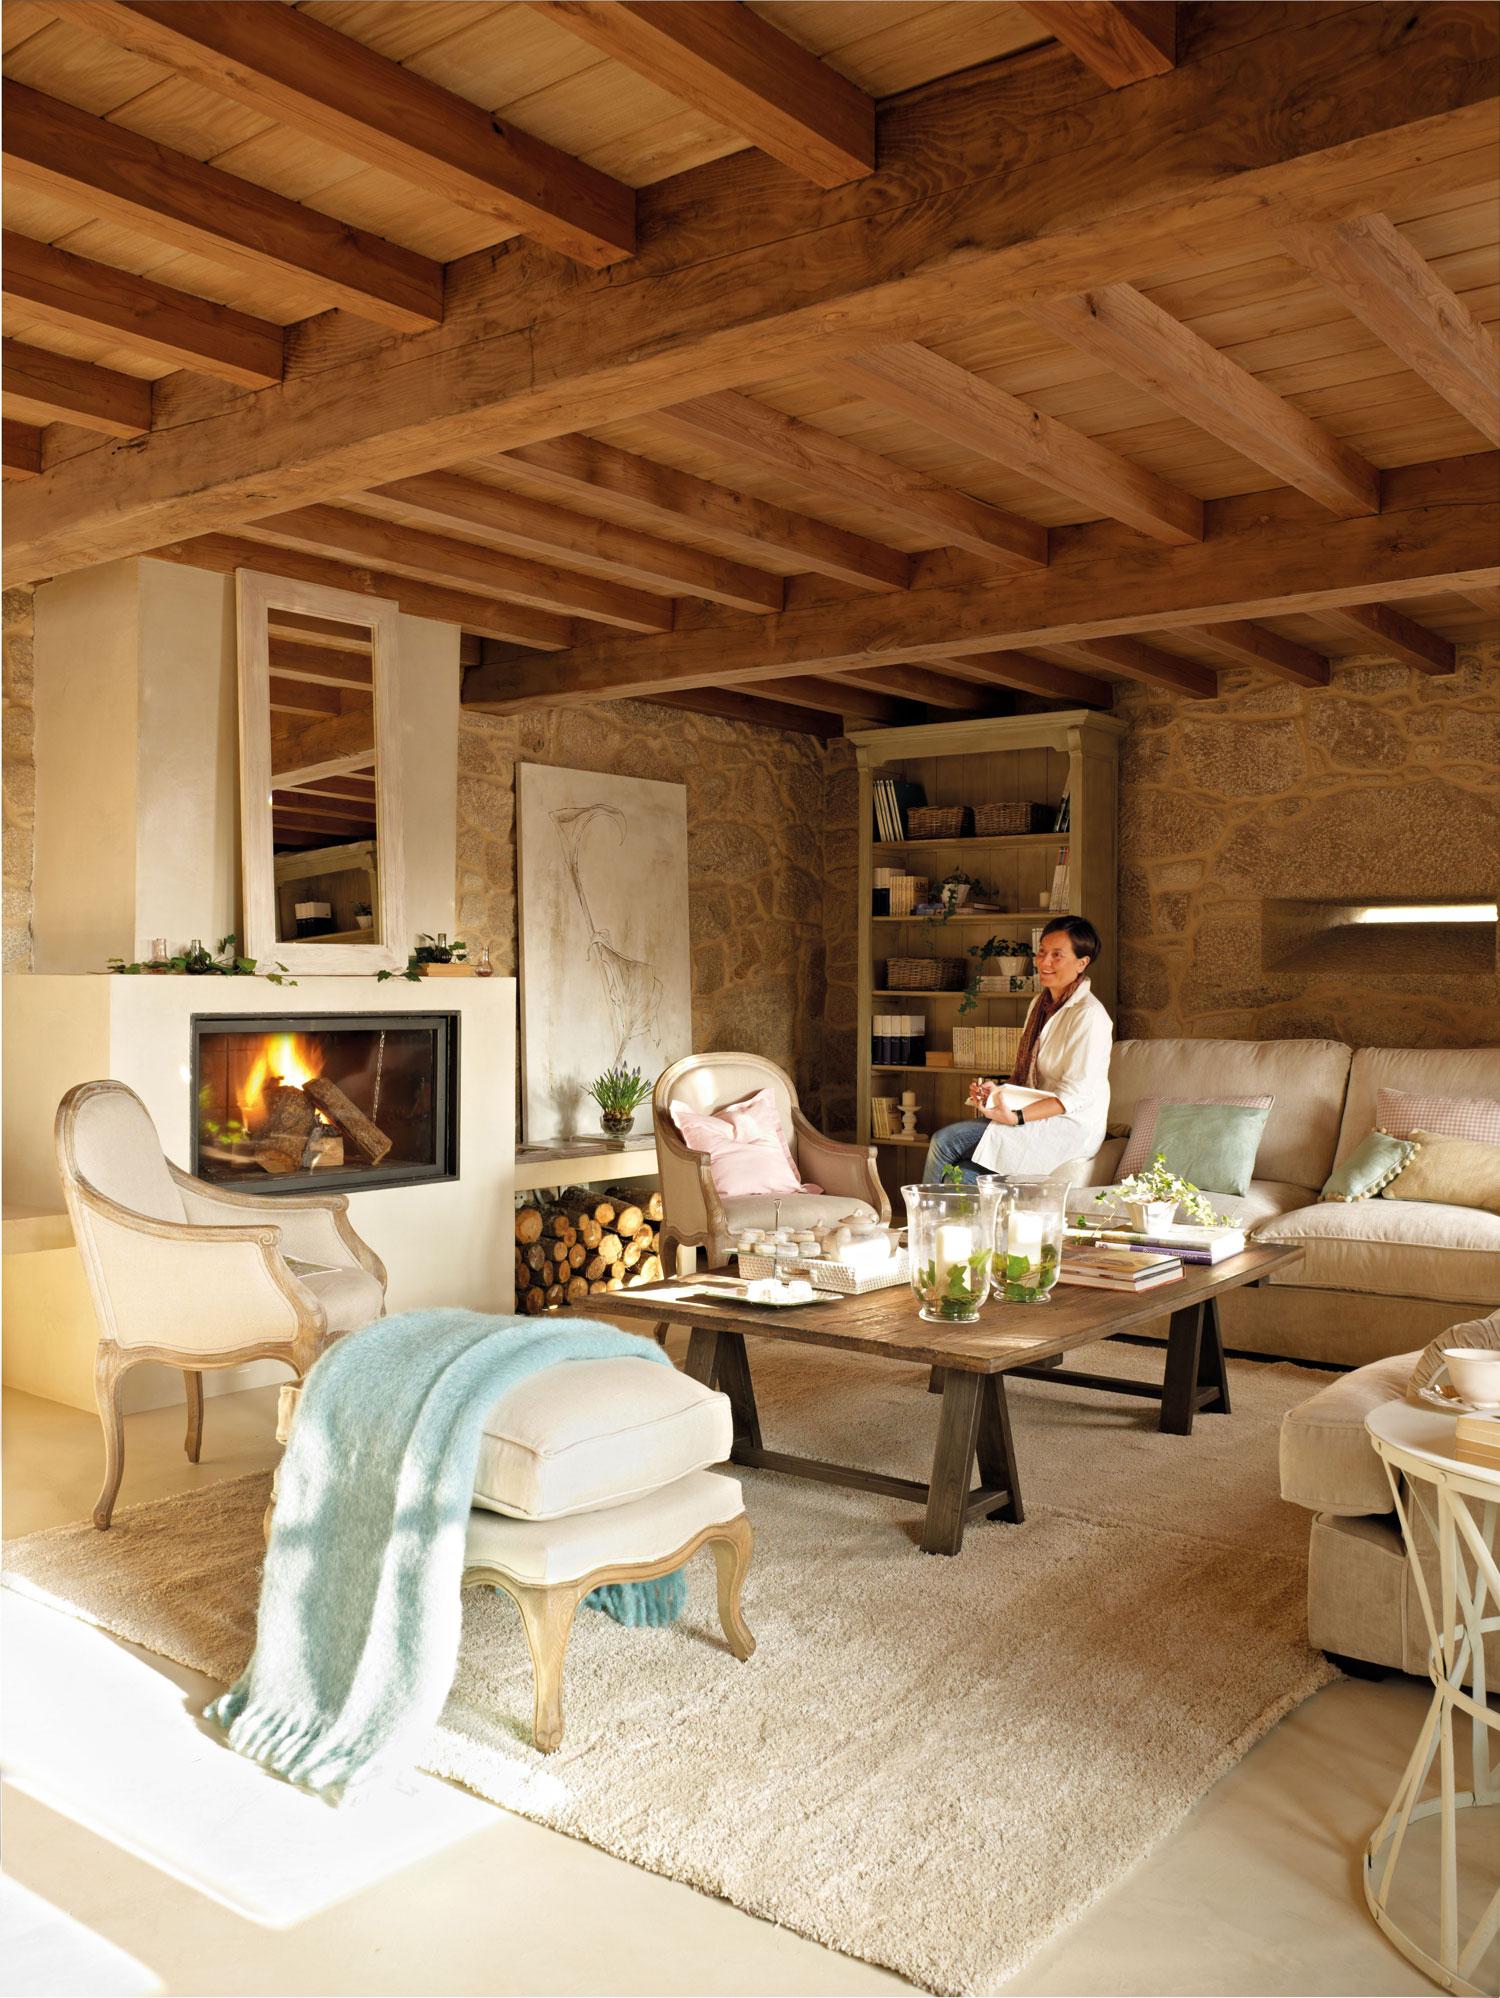 Una casa r stica con vigas de madera - Como decorar una casa rural ...